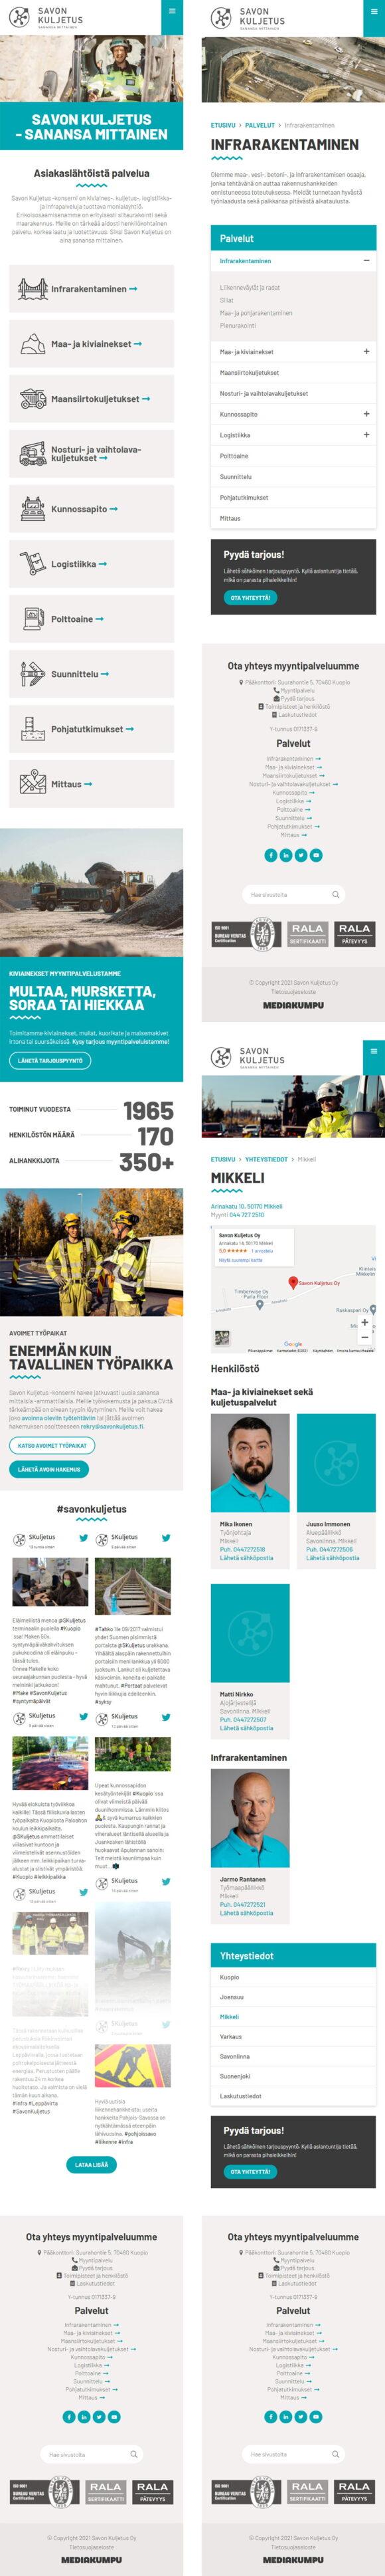 WordPress-kotisivut: Savon Kuljetus, mobiilinäkymiä - Mediakumpu